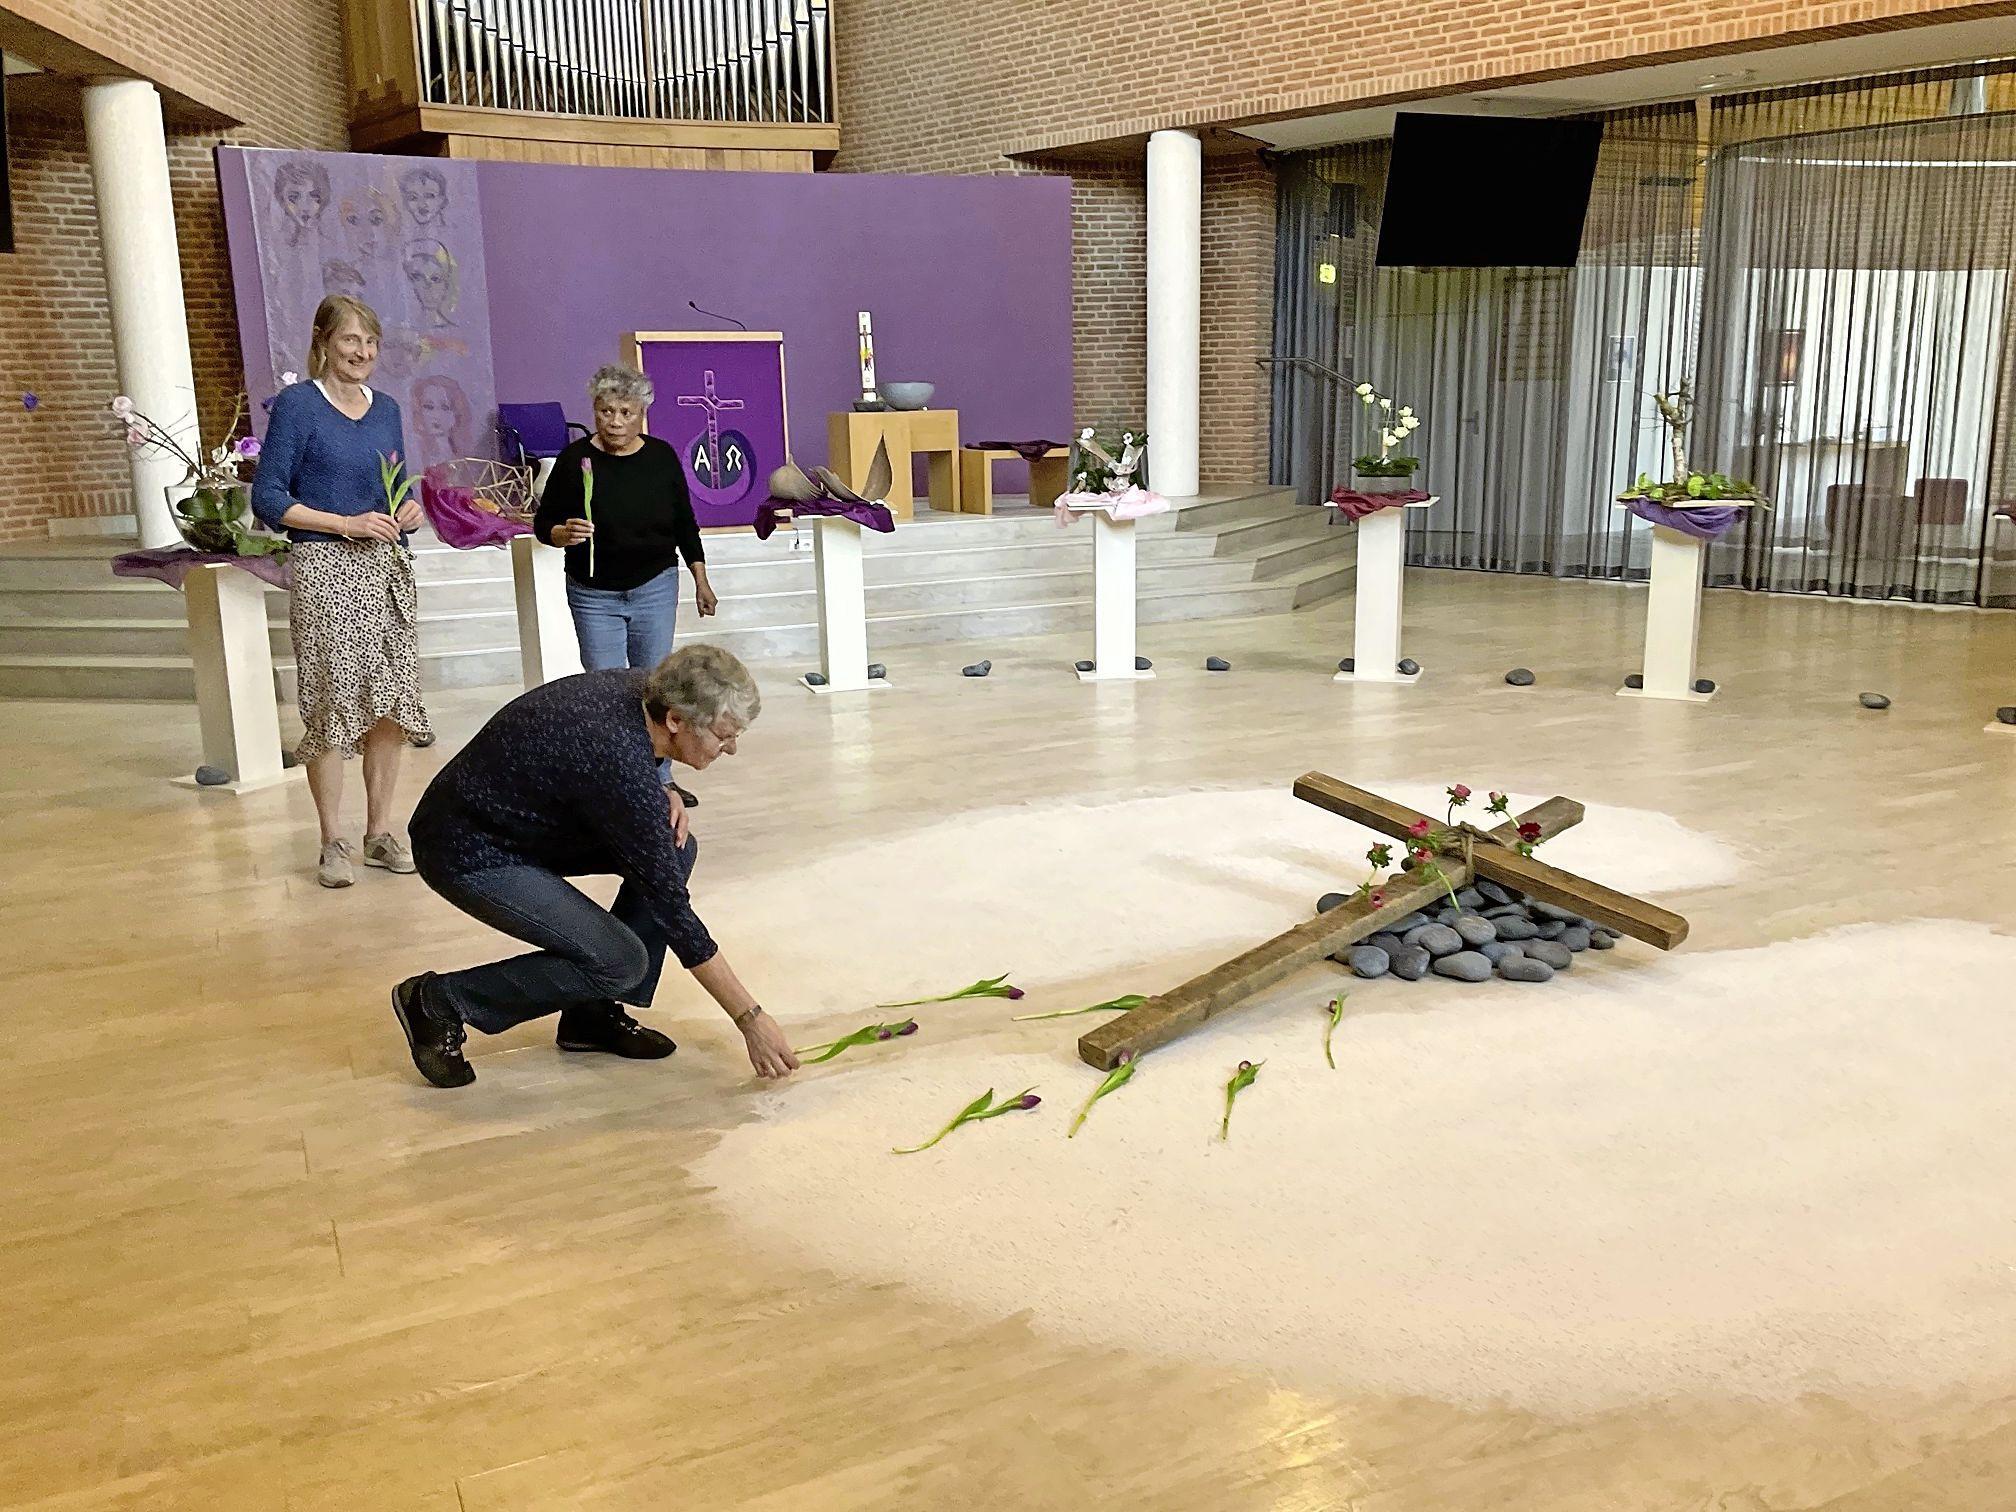 Hoe kerkelijke genootschappen Goede Vrijdag vieren: de Oosterlichtkerk in Huizen gaat mee met Jezus in zijn laatste dagen; de Larense 'digi-dominee' weet raad en de 'zingende pastor' uit Soest is gegroeid in coronatijd